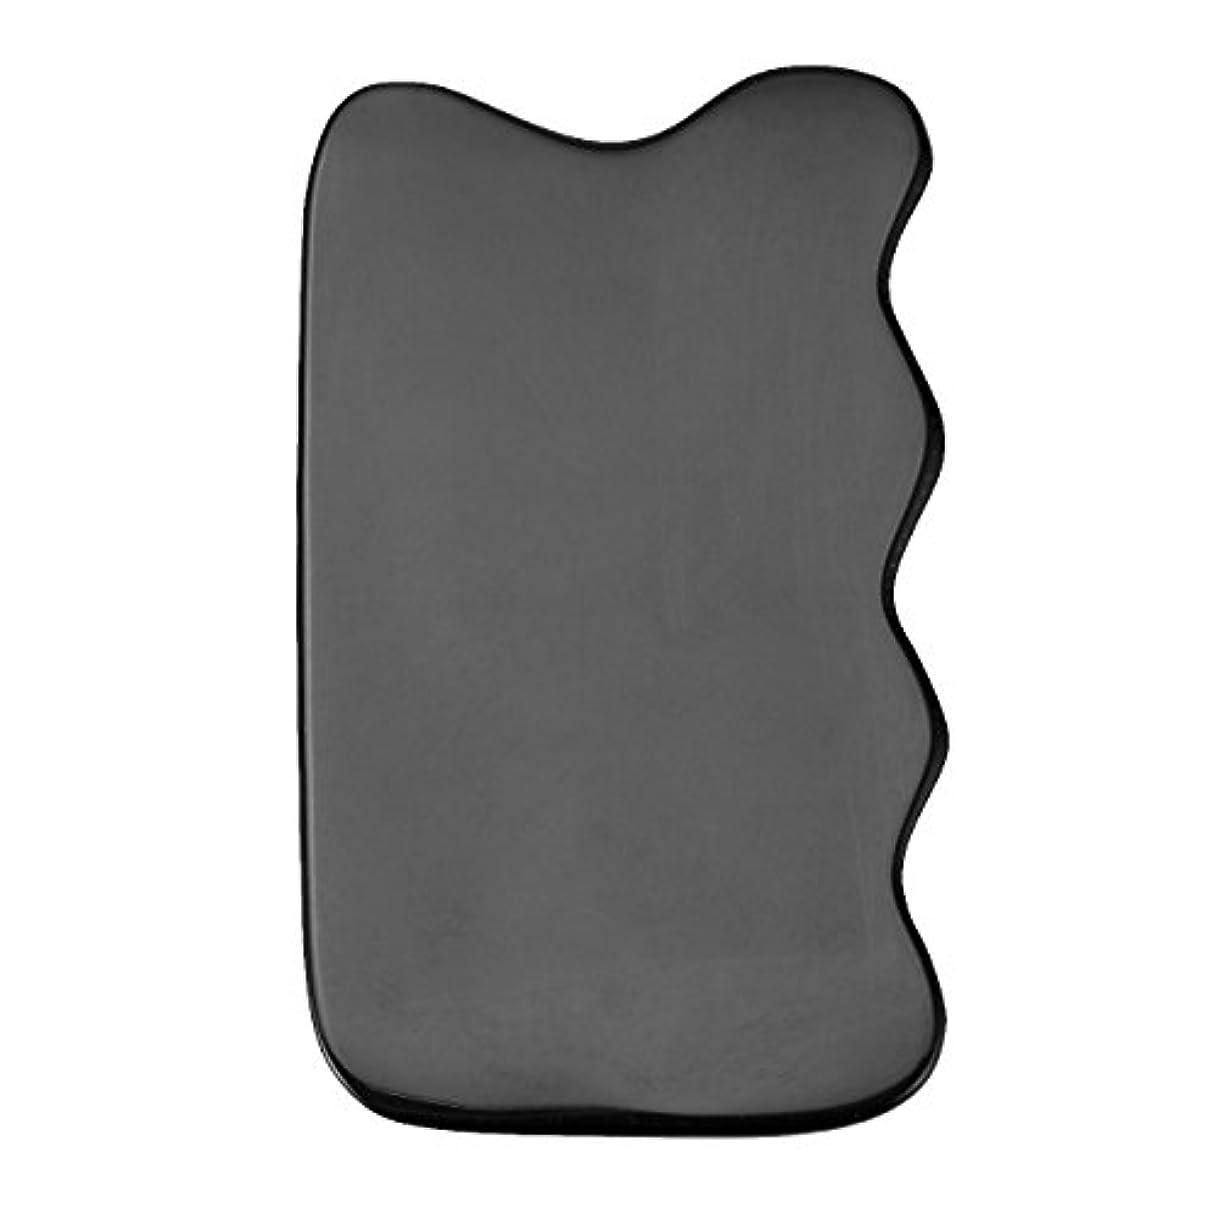 発火する失態アイスクリームJovivi Mak カッサリフトプレート ブラック 牛角 パワーストーン カッサ板 美顔 カッサボード カッサマッサージ道具 ギフトバッグを提供 (波状)